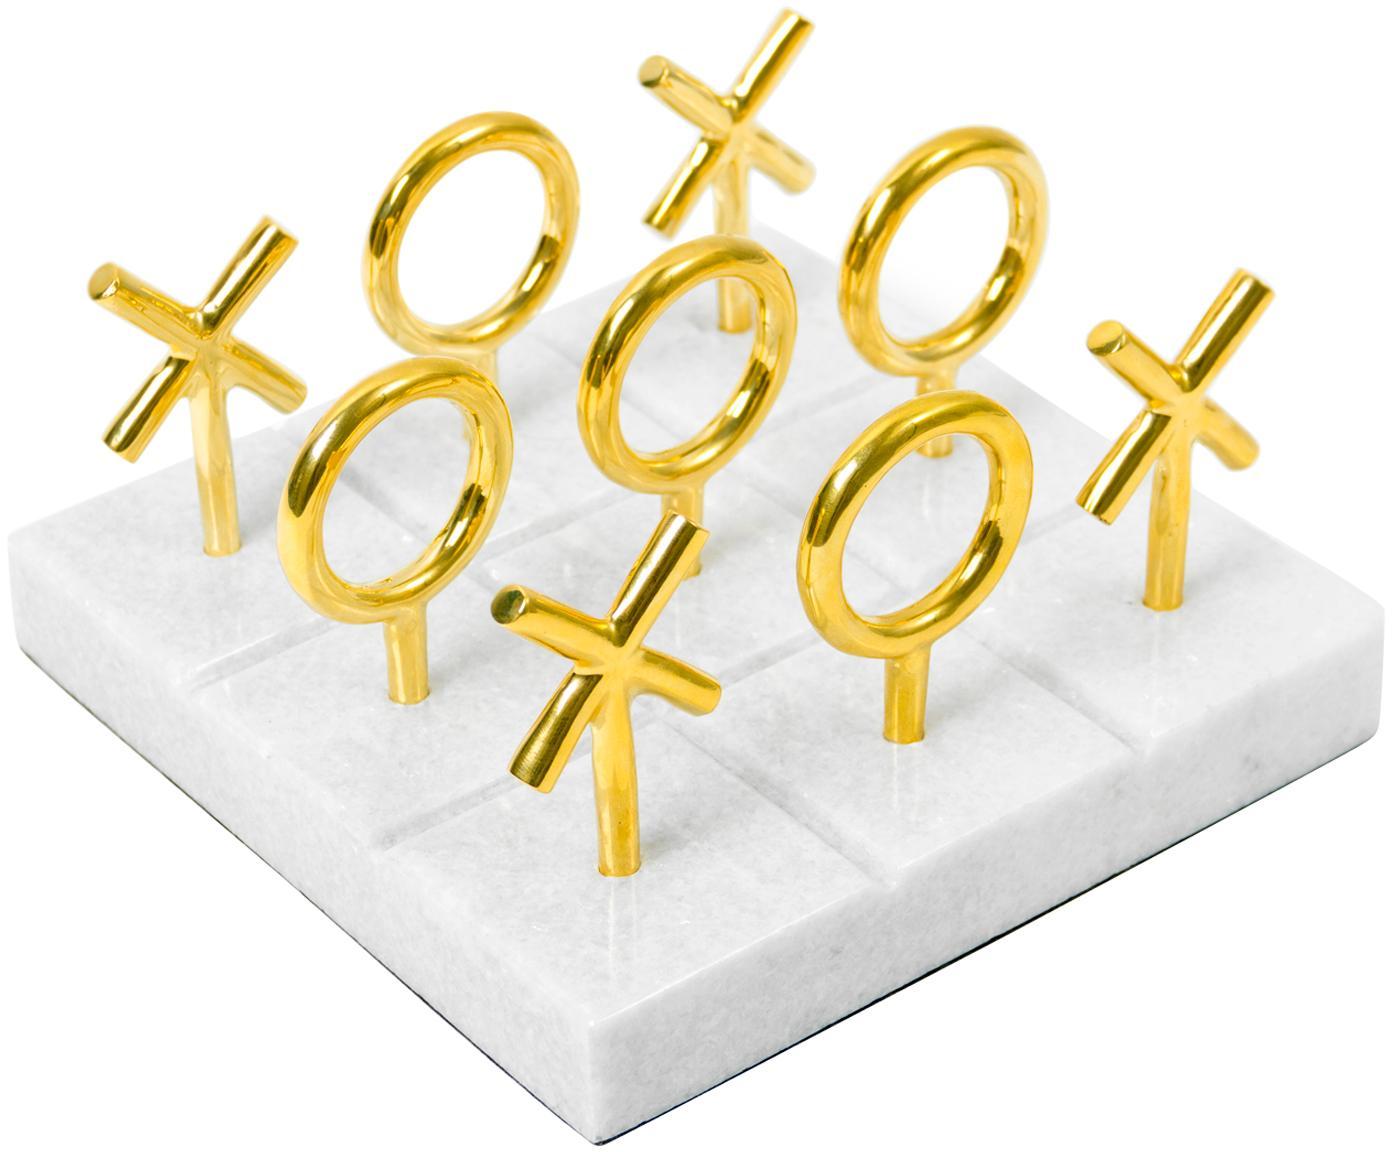 Gioco da tavolo di design in marmo Tic Tac Toe, Elementi del gioco: ottone<br>Presa di corrente: bianco, Larg. 17 x Alt. 10 cm